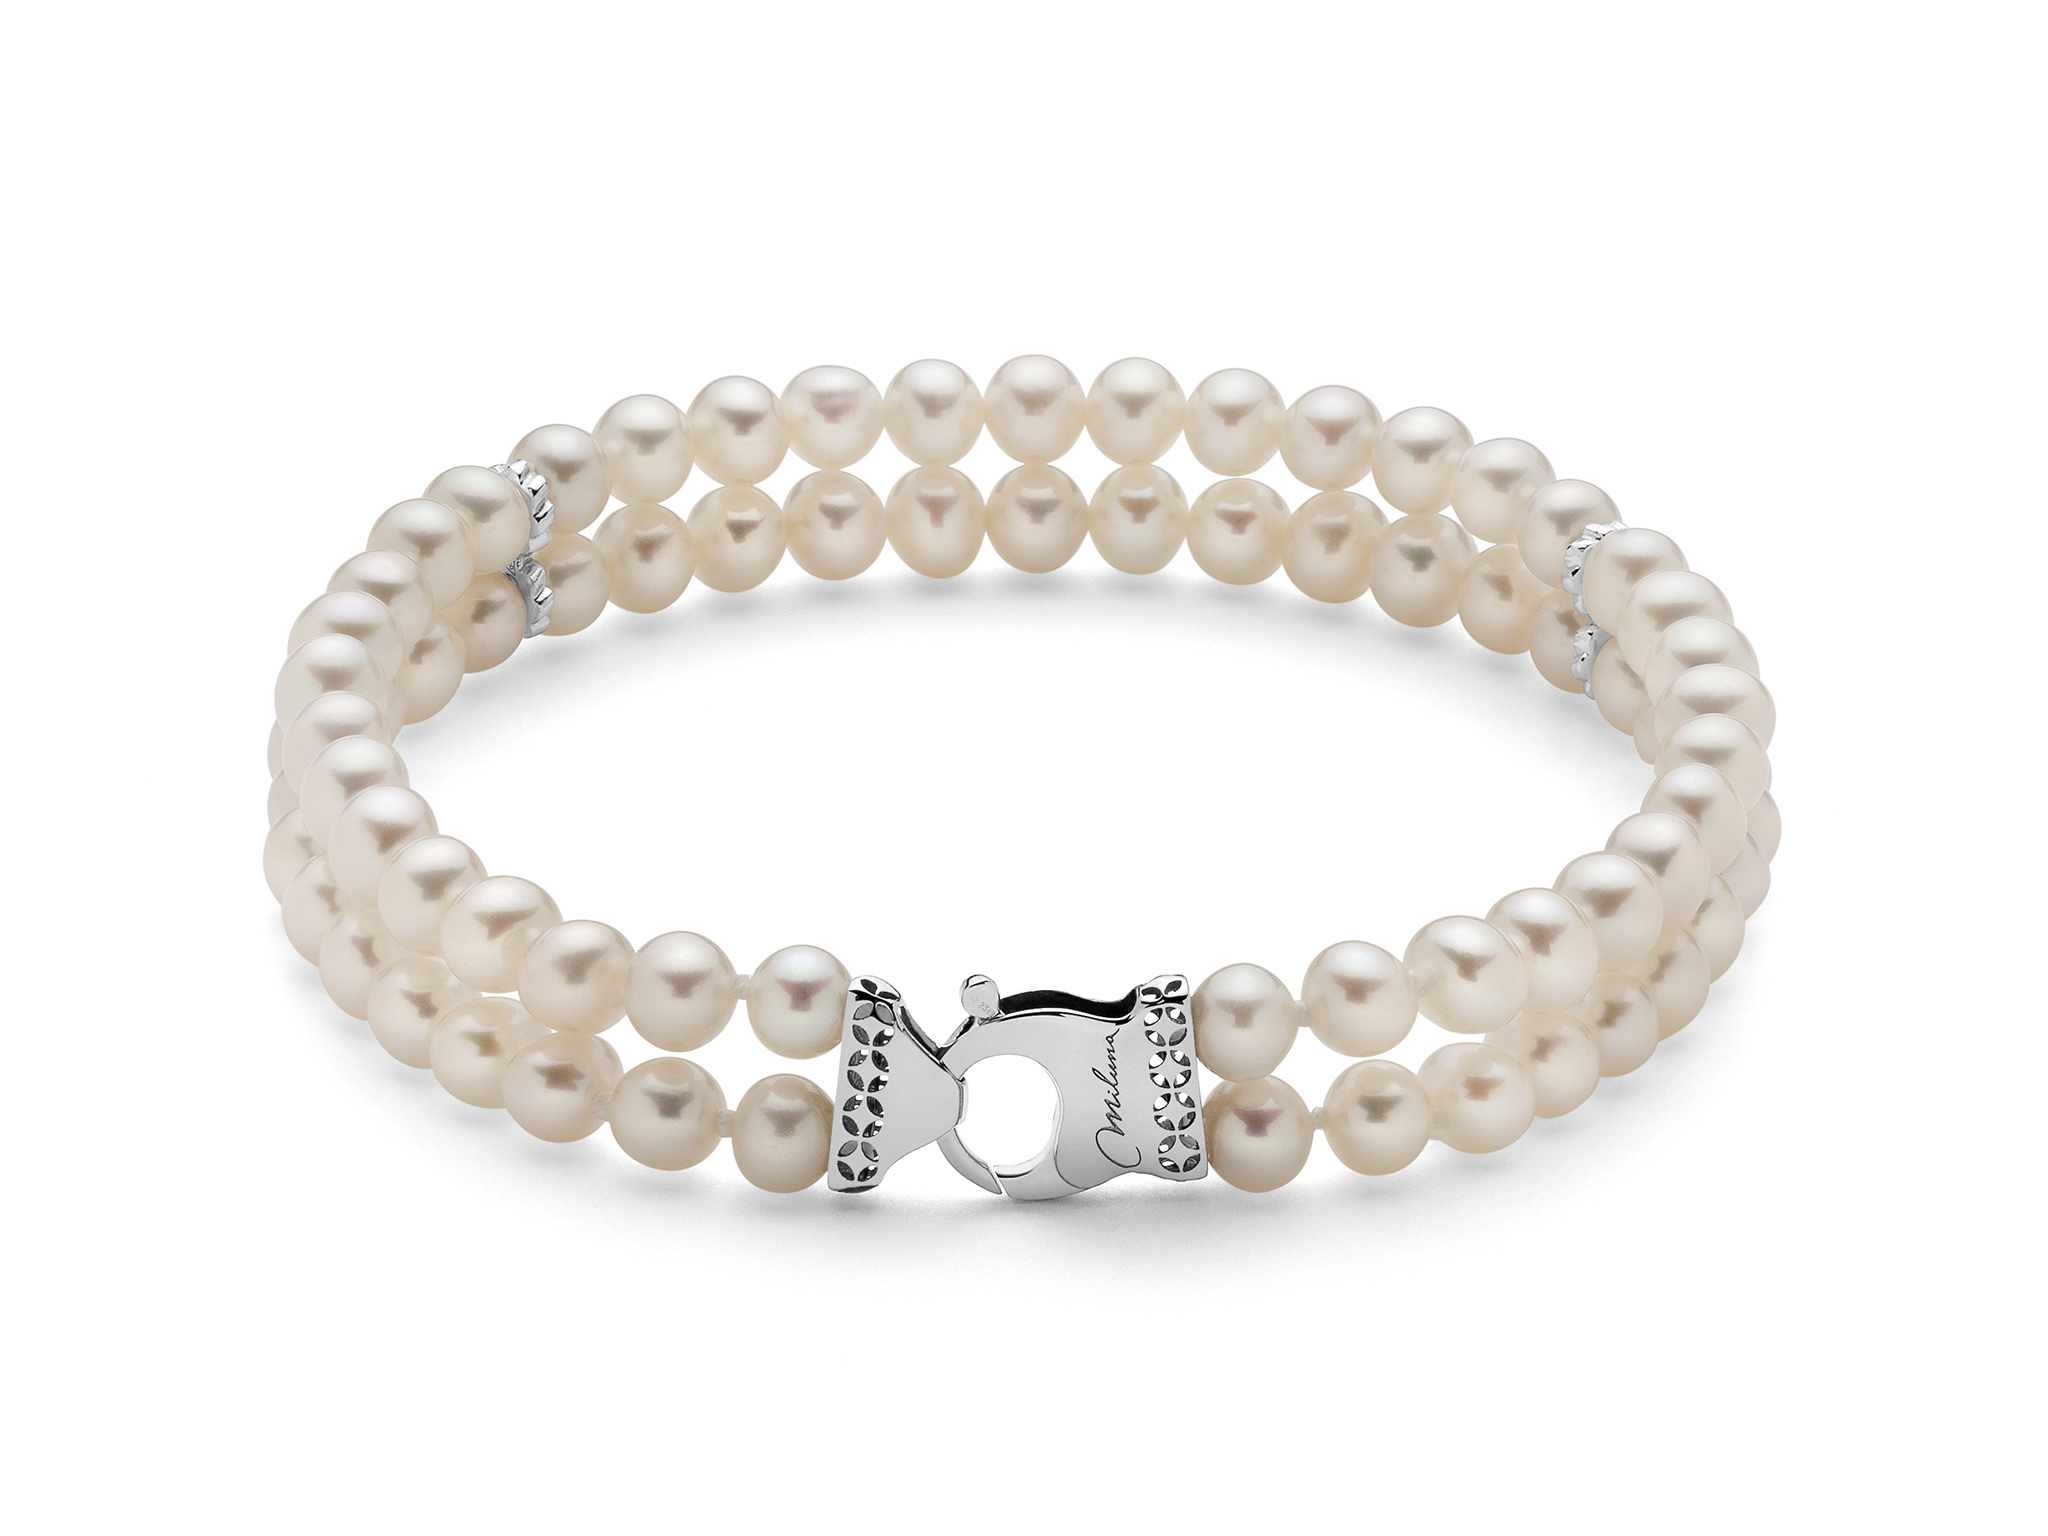 Bracciale multifilo di perle con chiusura in oro - PBR3074